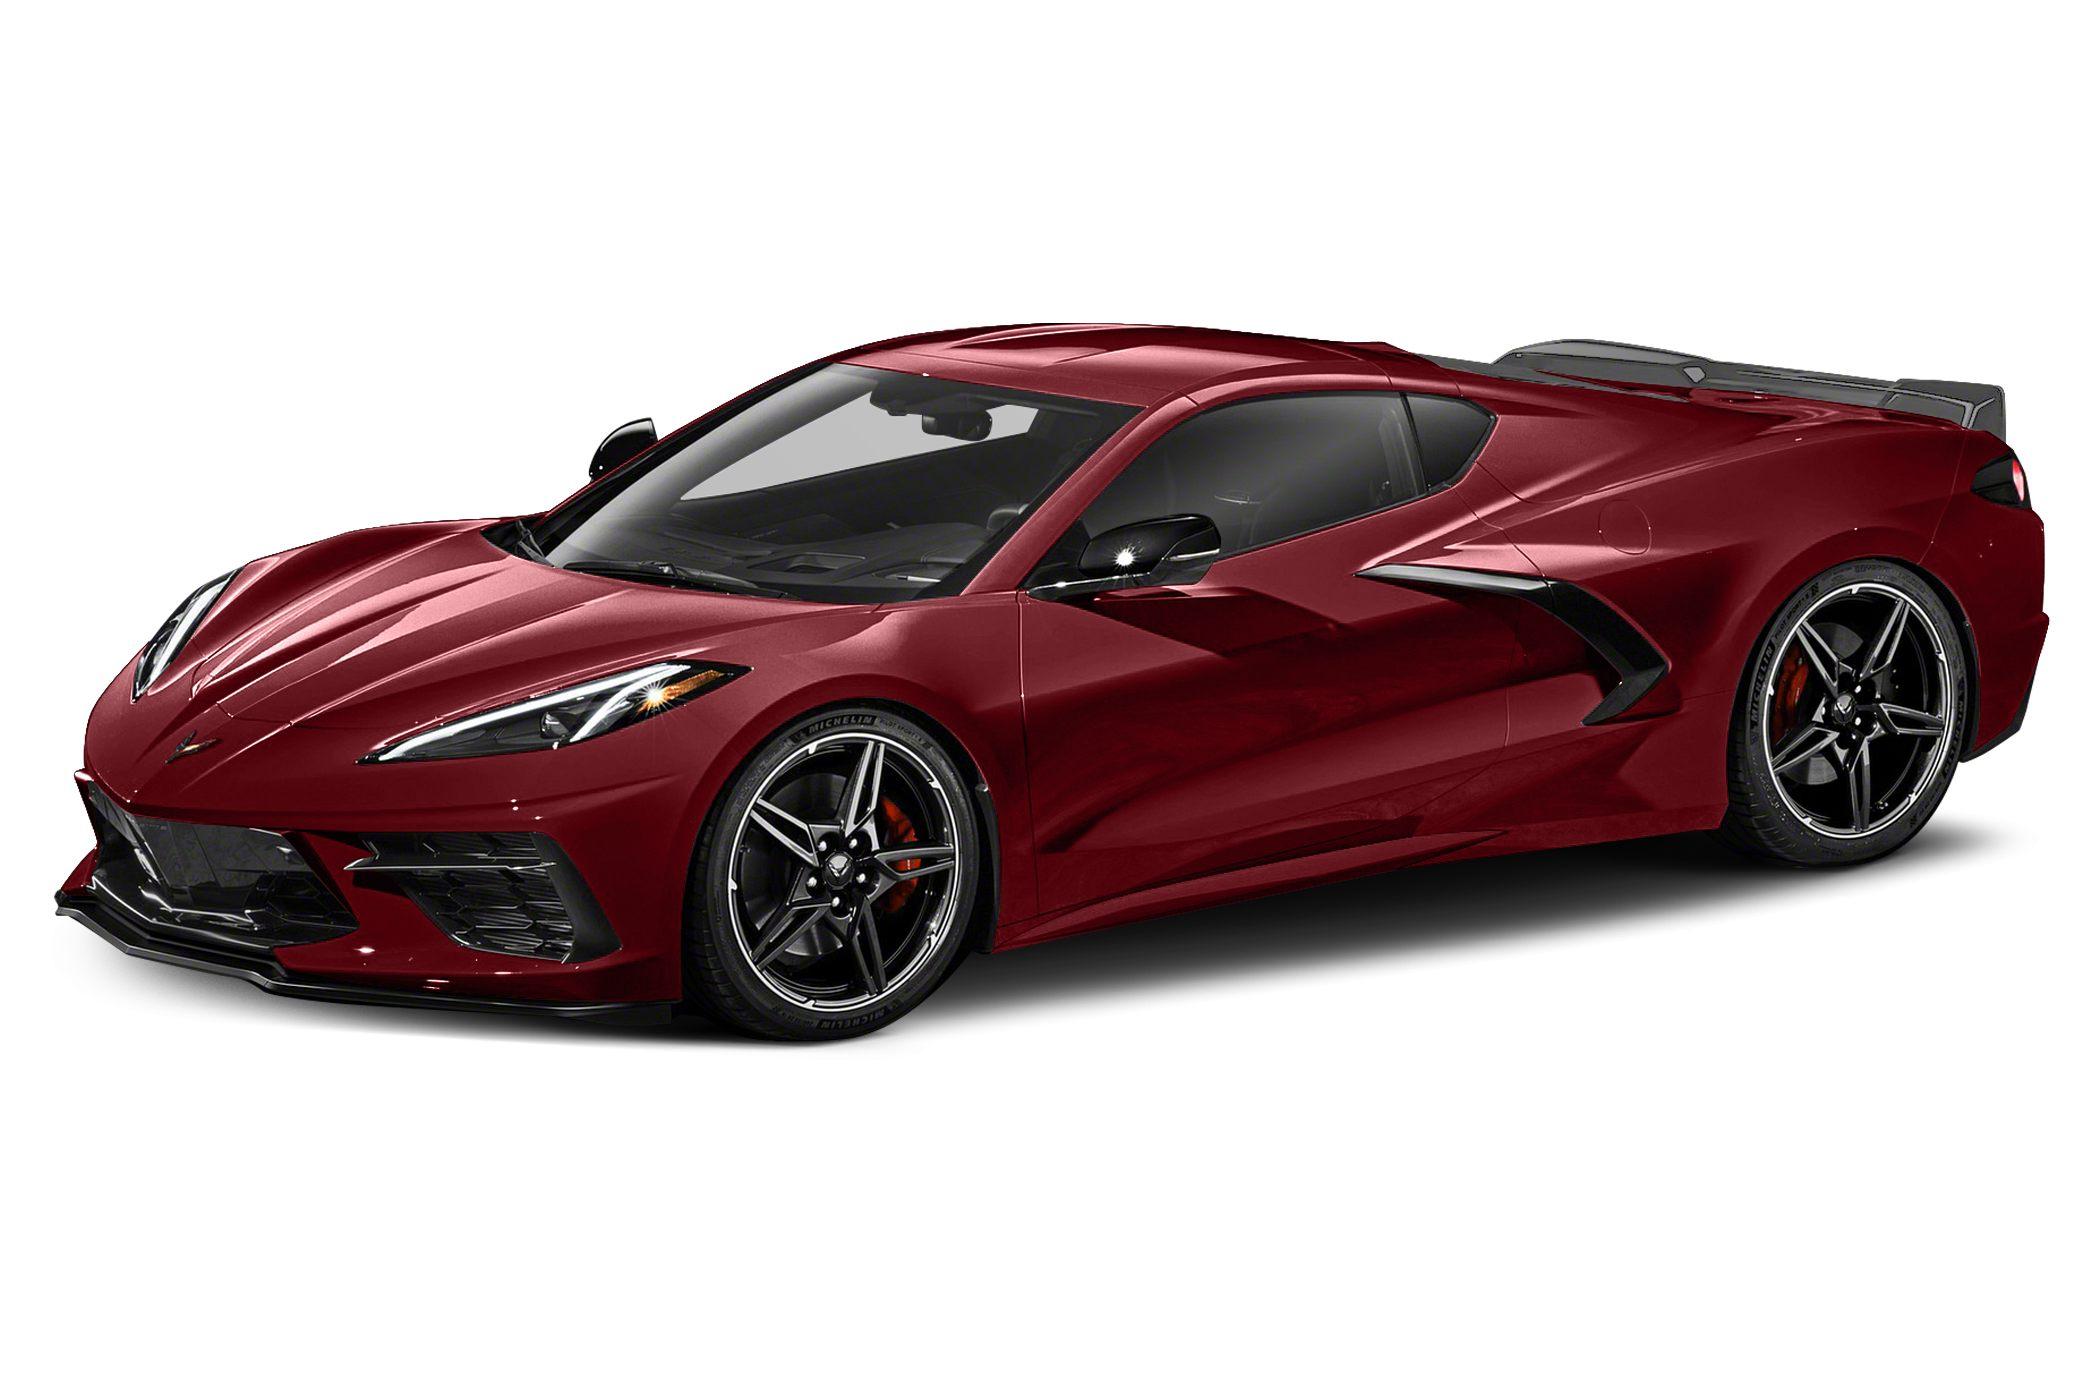 This looks like a C8 Chevrolet Corvette Z06 steering wheel